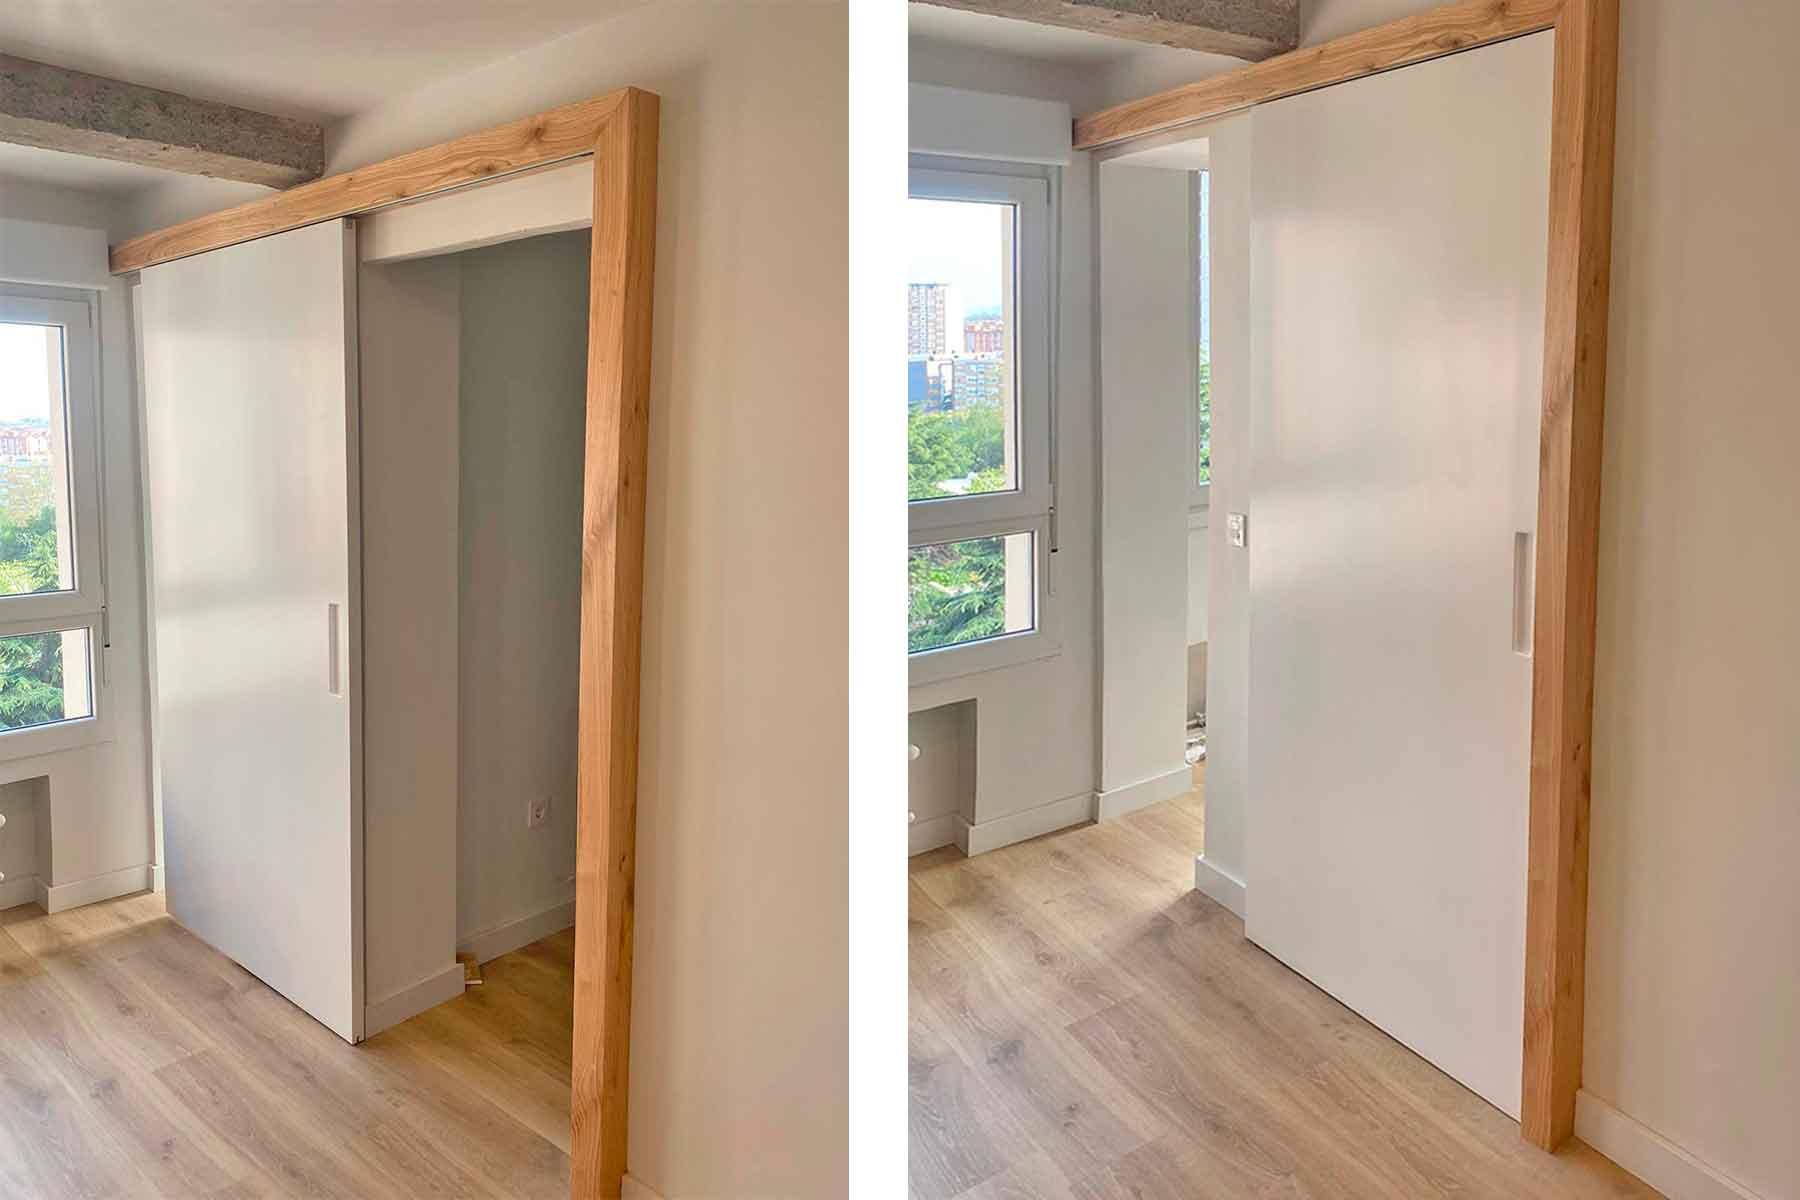 Solución original: una sola puerta para 2 habitaciones